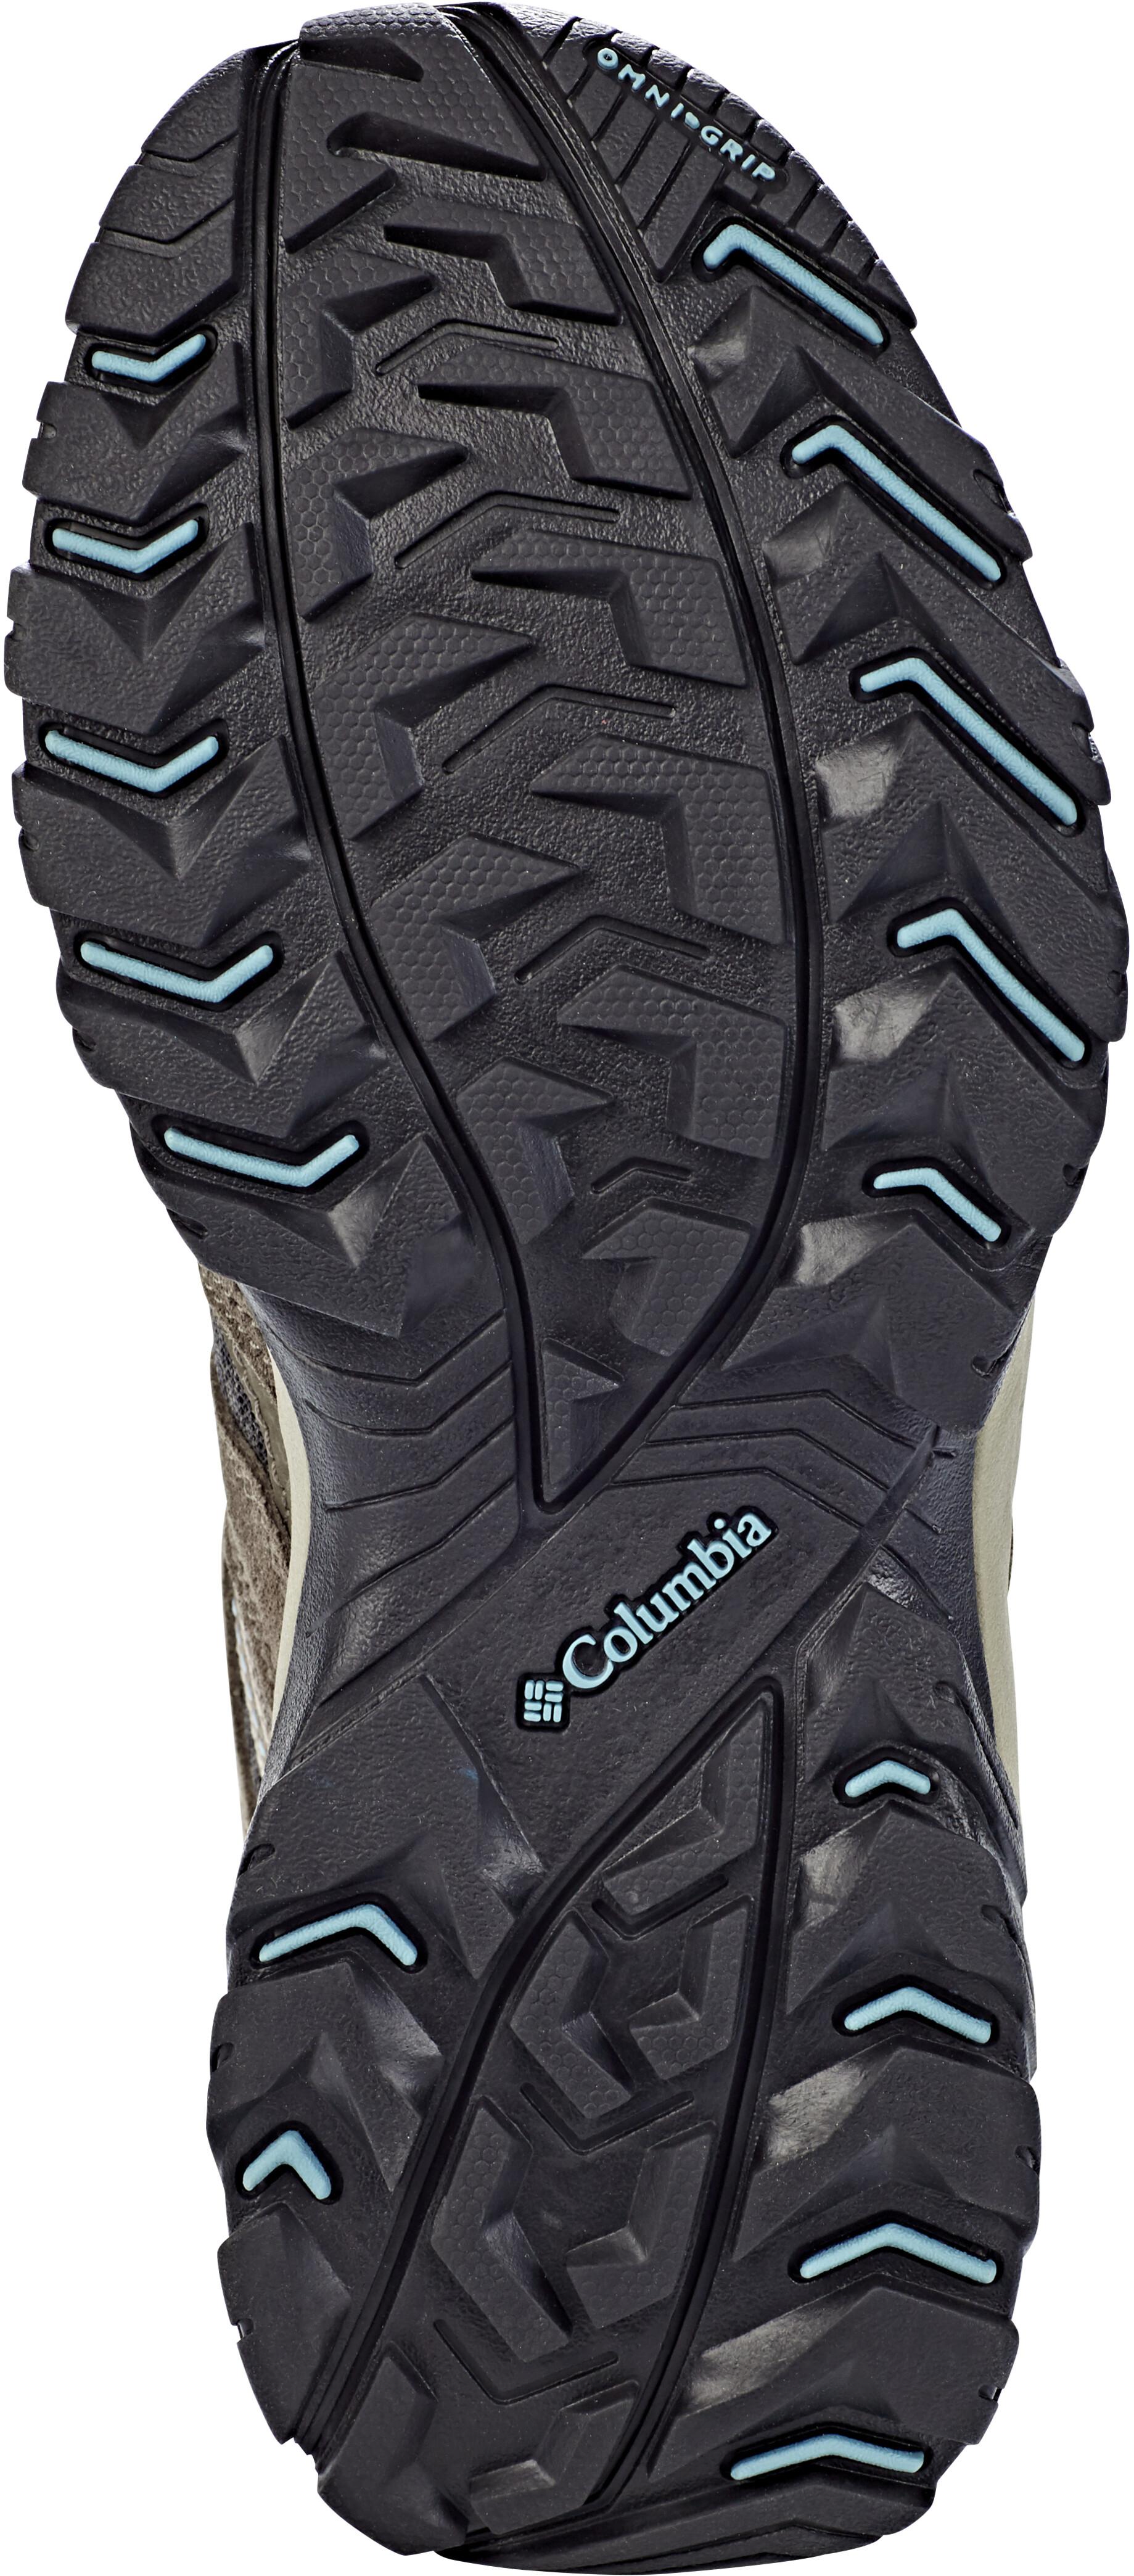 c780442ae3f Columbia Redmond XT Sko Damer brun | Find outdoortøj, sko & udstyr ...